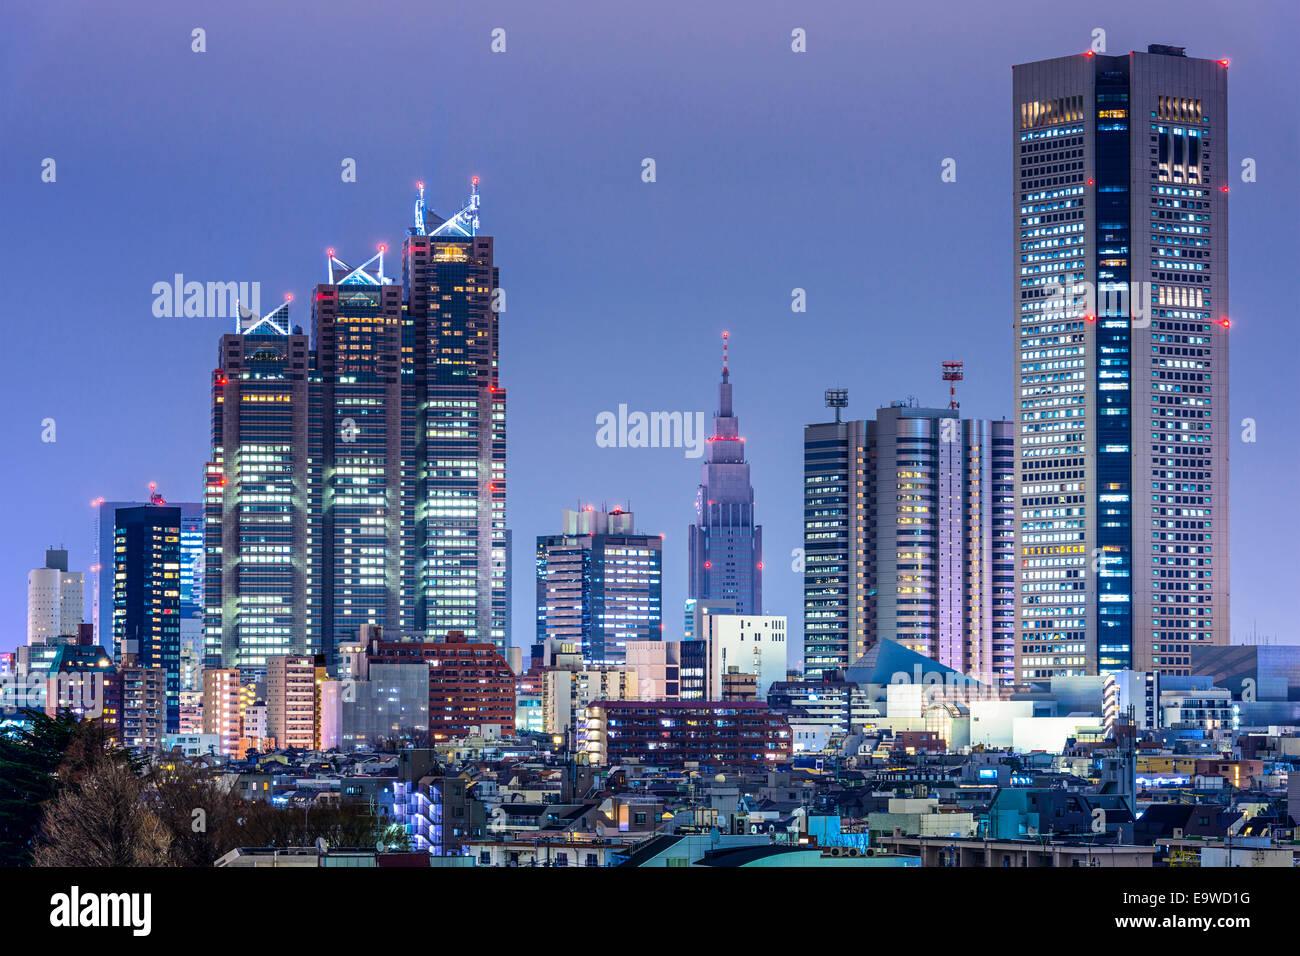 Tokyo, Japan Stadt Skyline im Stadtteil West Shinjuku District Wolkenkratzer. Stockbild